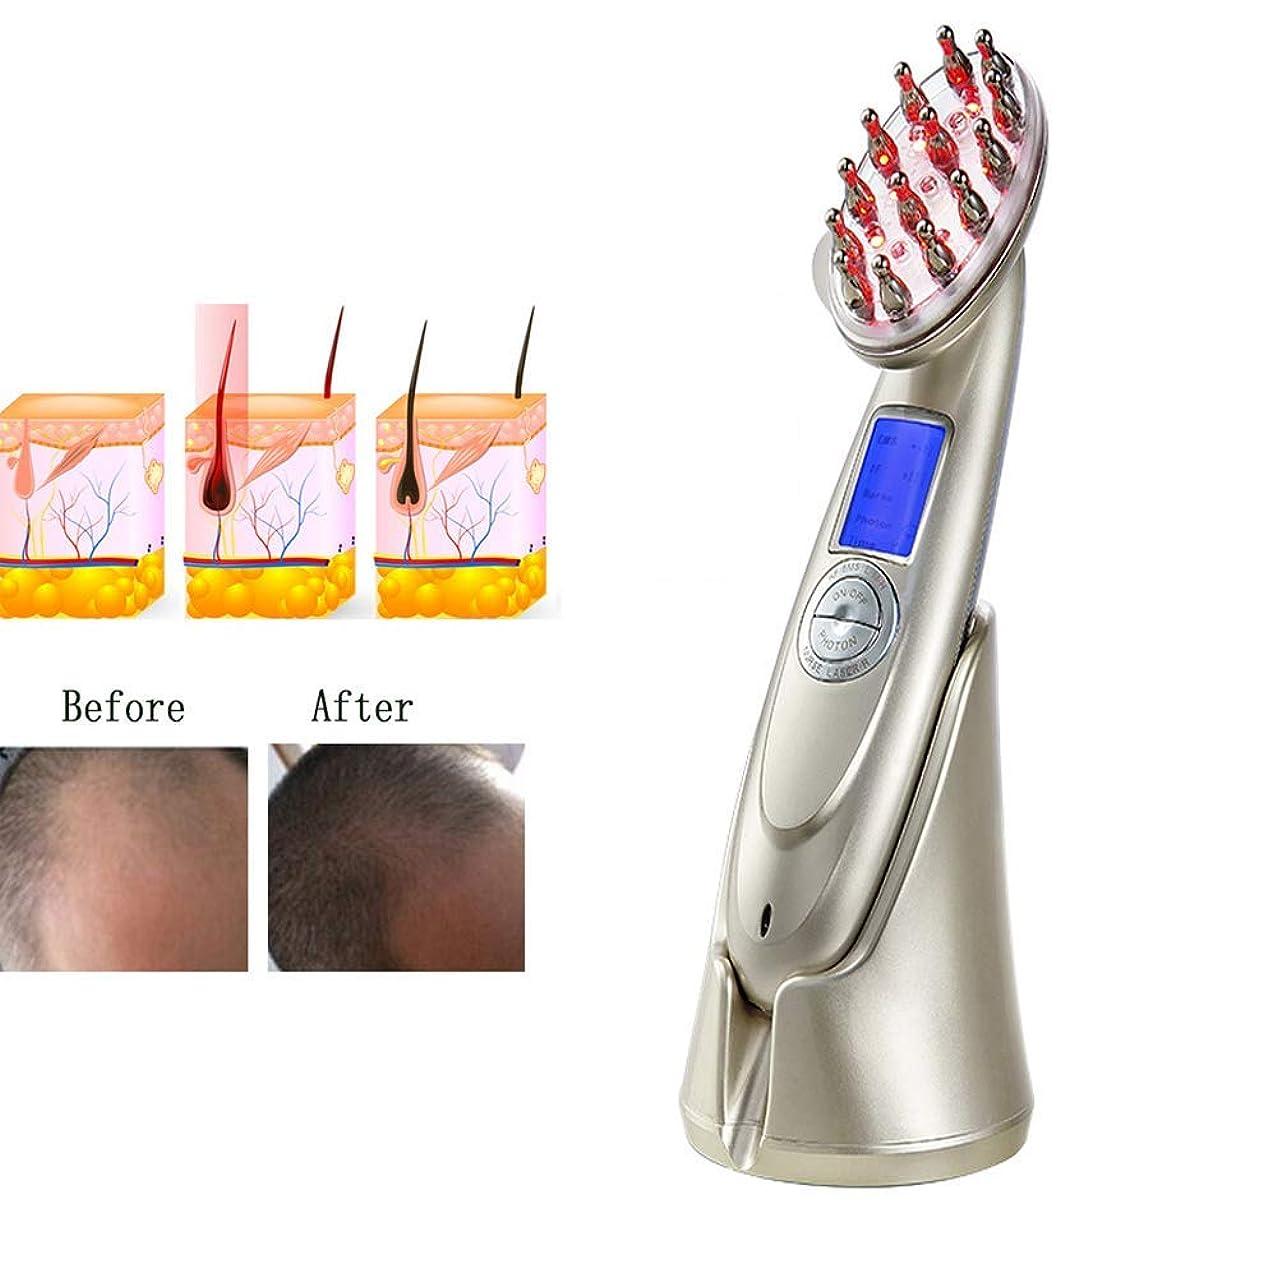 クランシーチューブできたRF EMS LED光子光療法のヘアブラシが付いている専門の電気毛の成長レーザーの櫛を改善して下さい